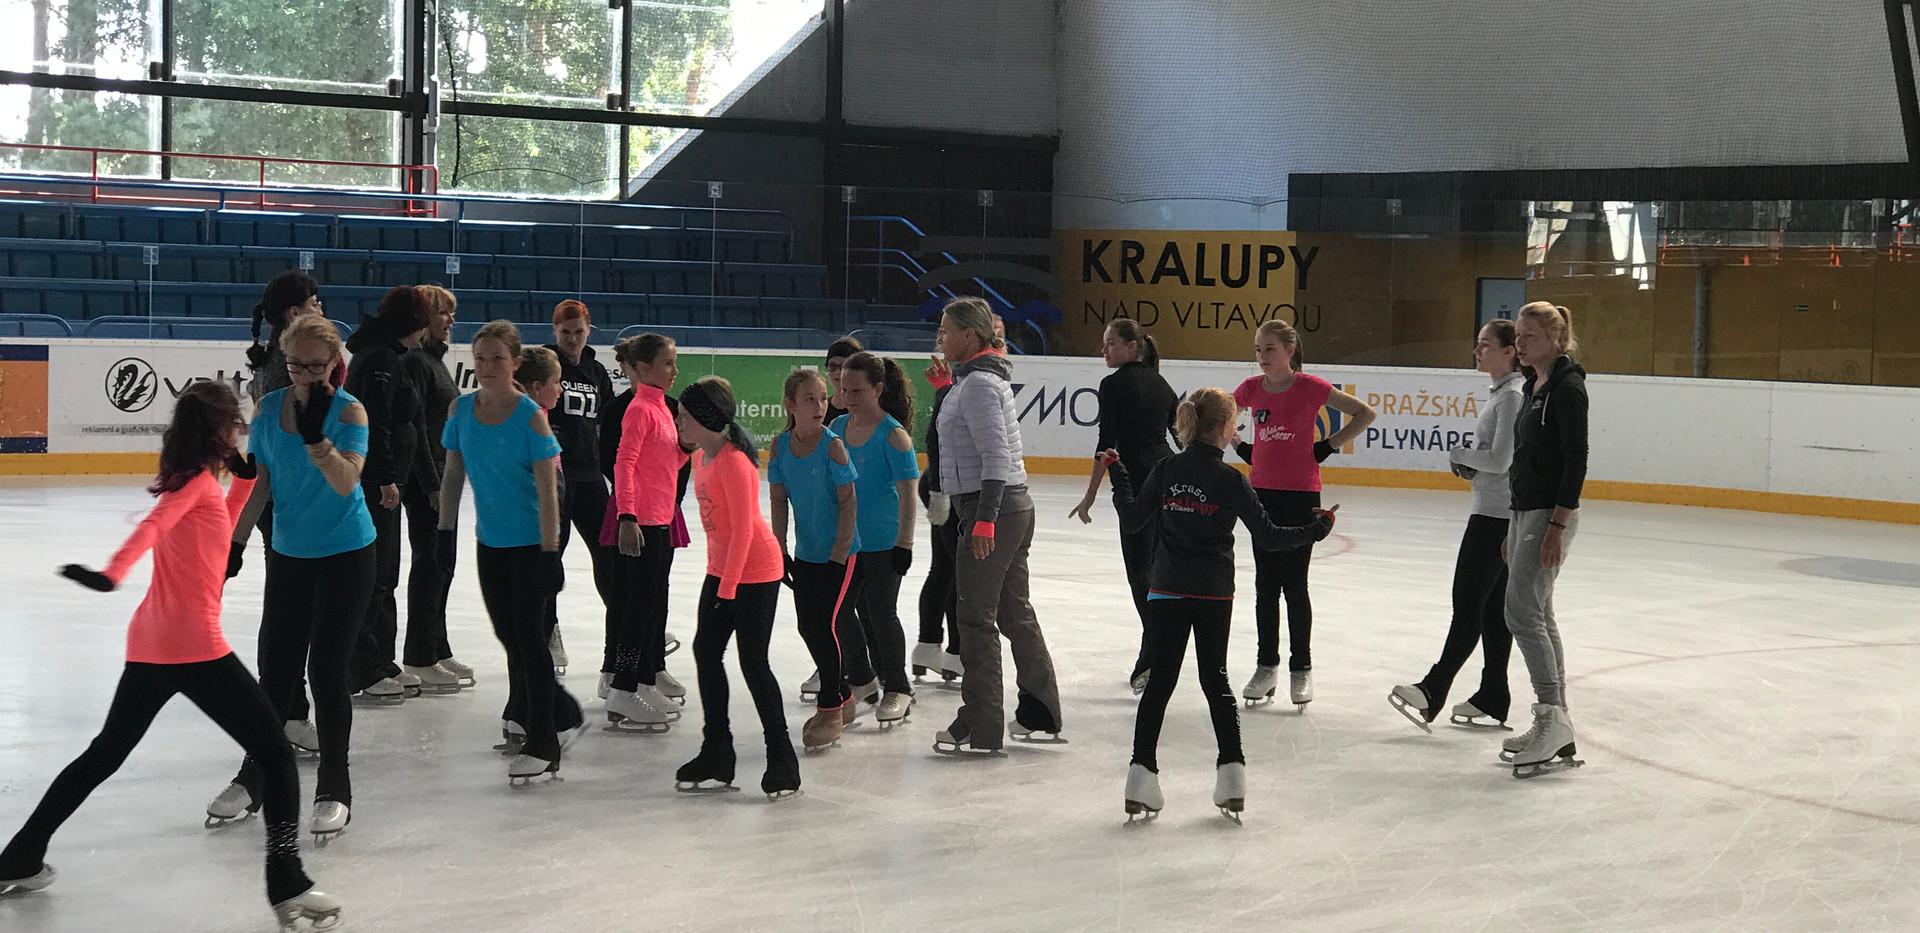 Kralupy 2018